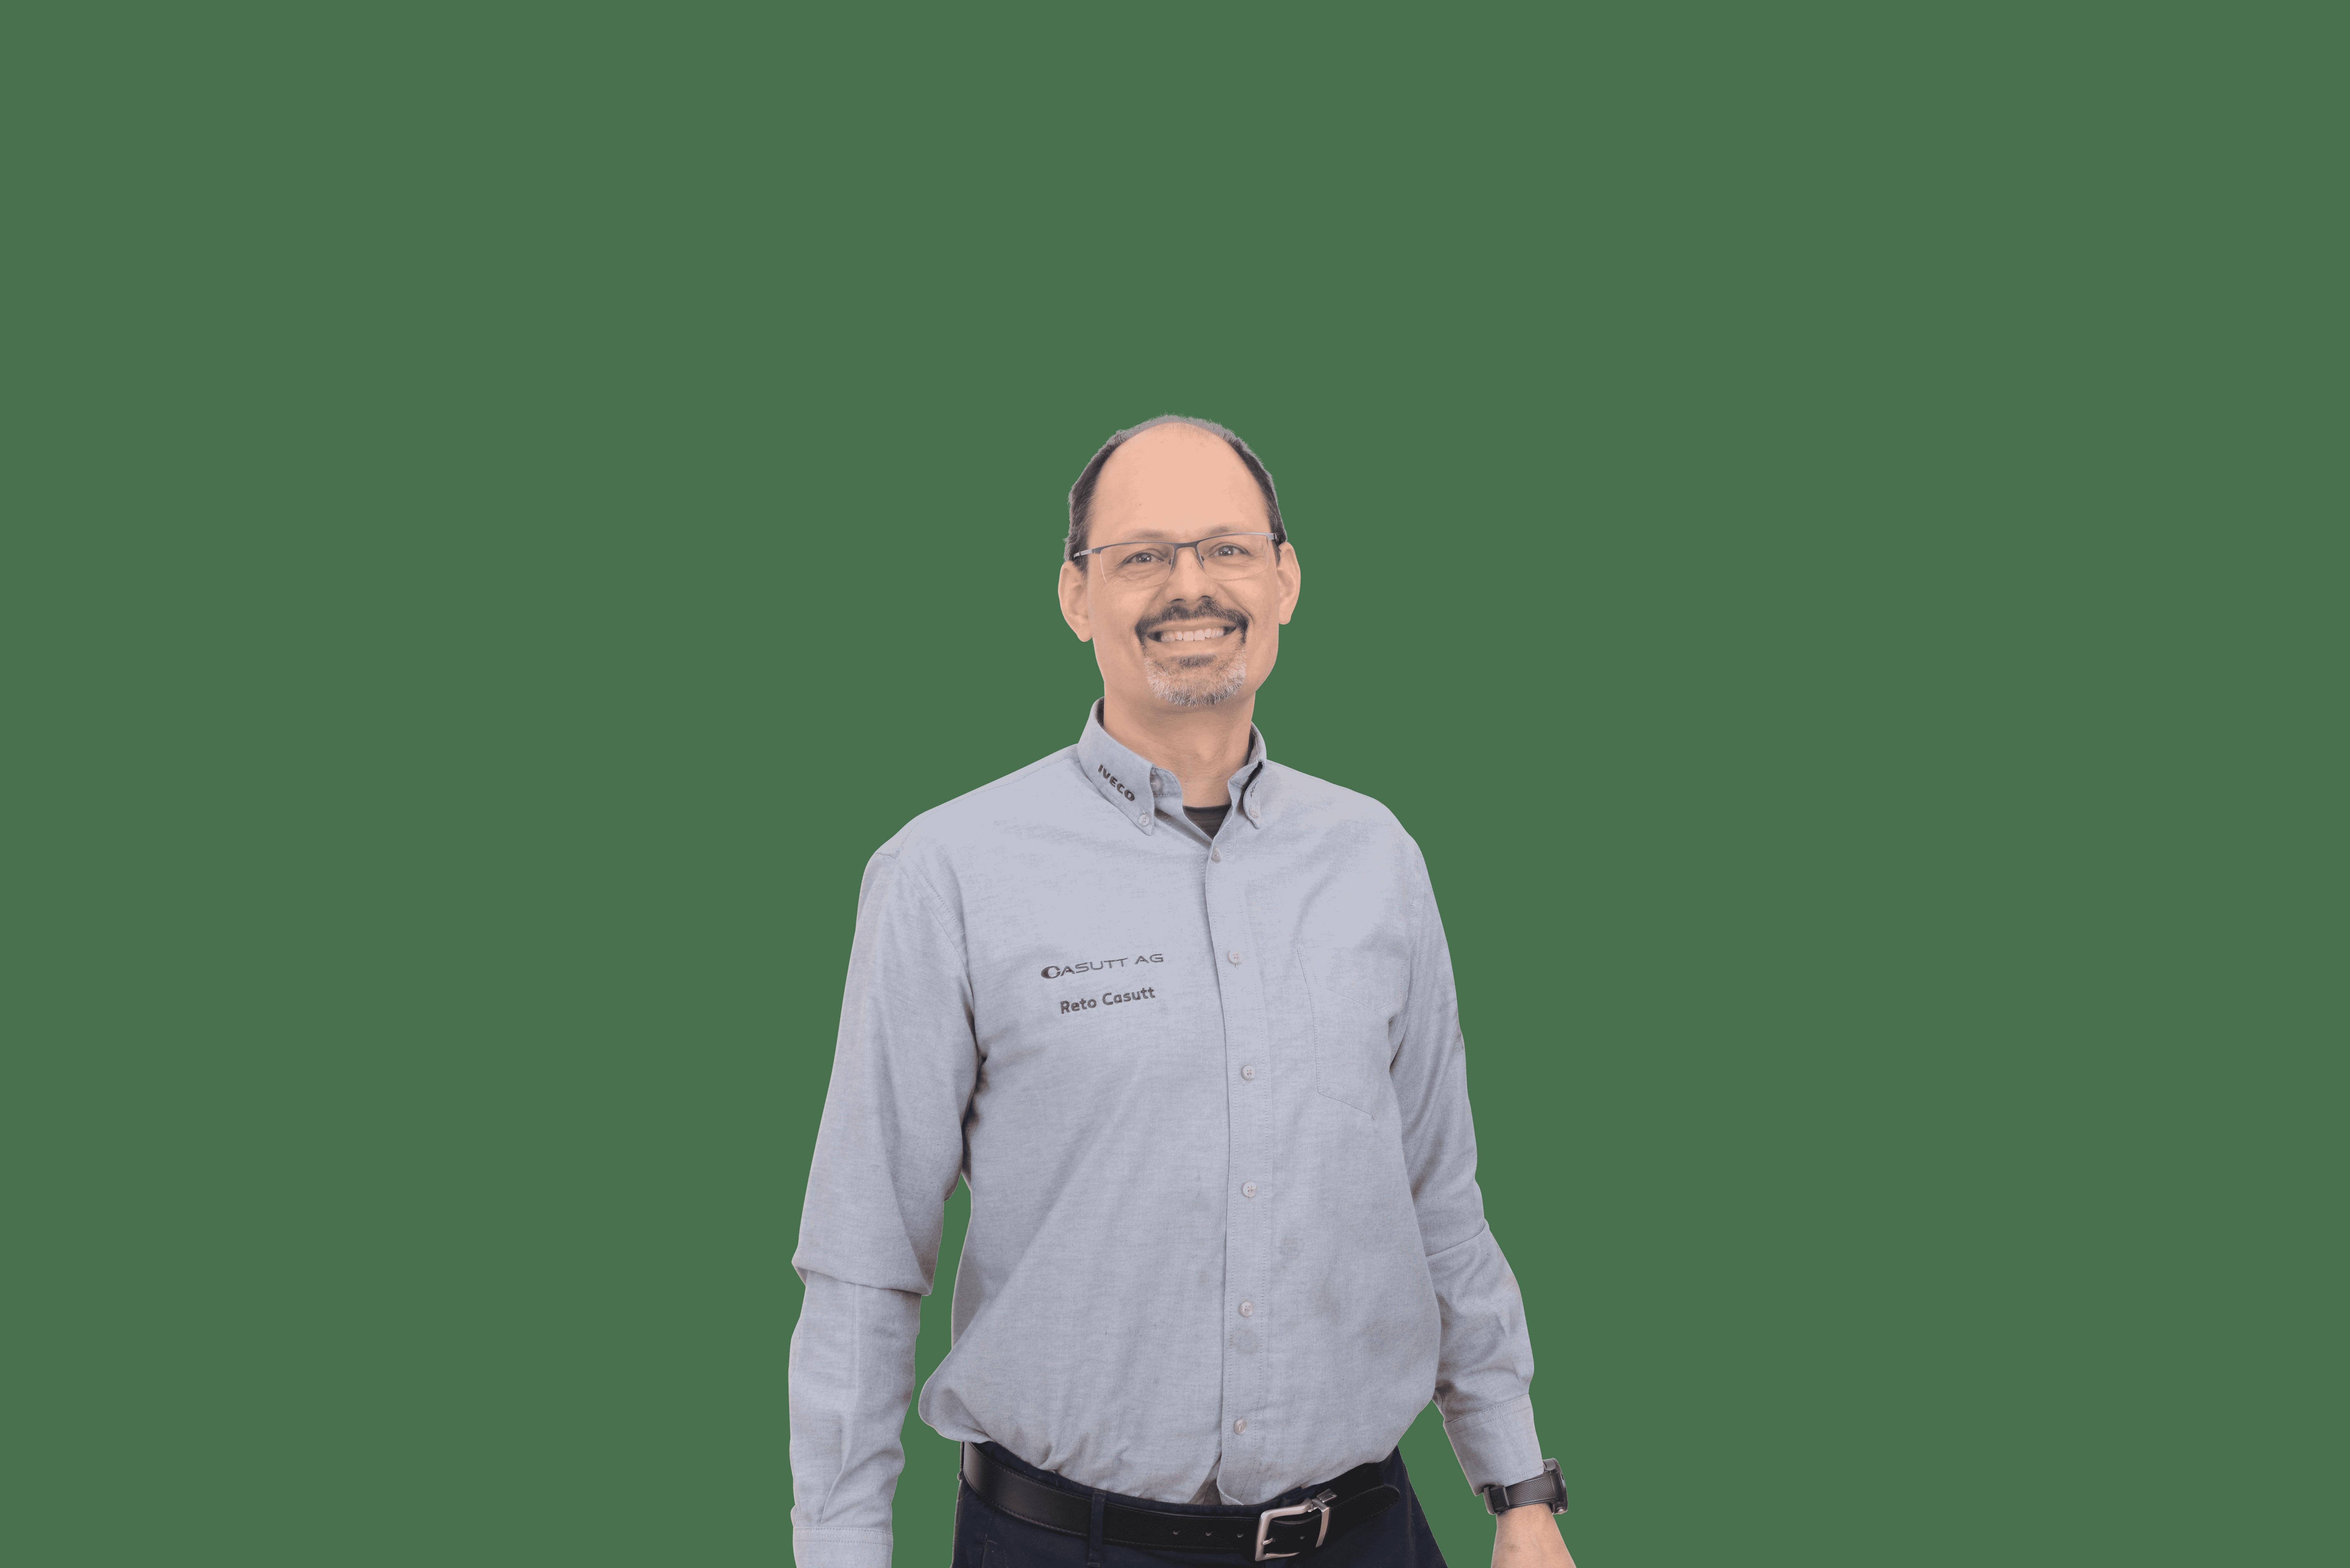 Guido Casutt Portrait